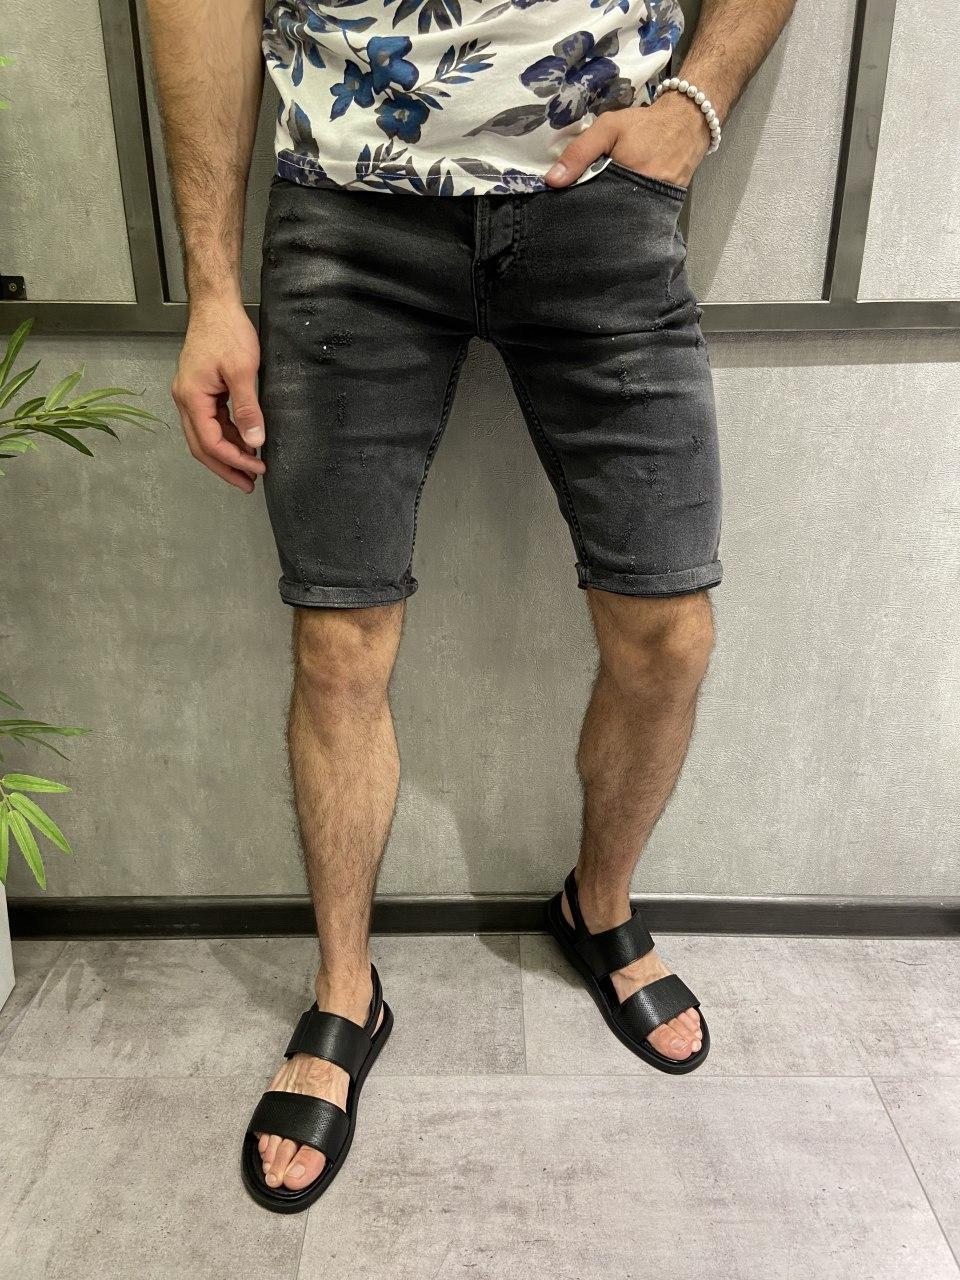 Чоловічі джинсові шорти сірі подряпані